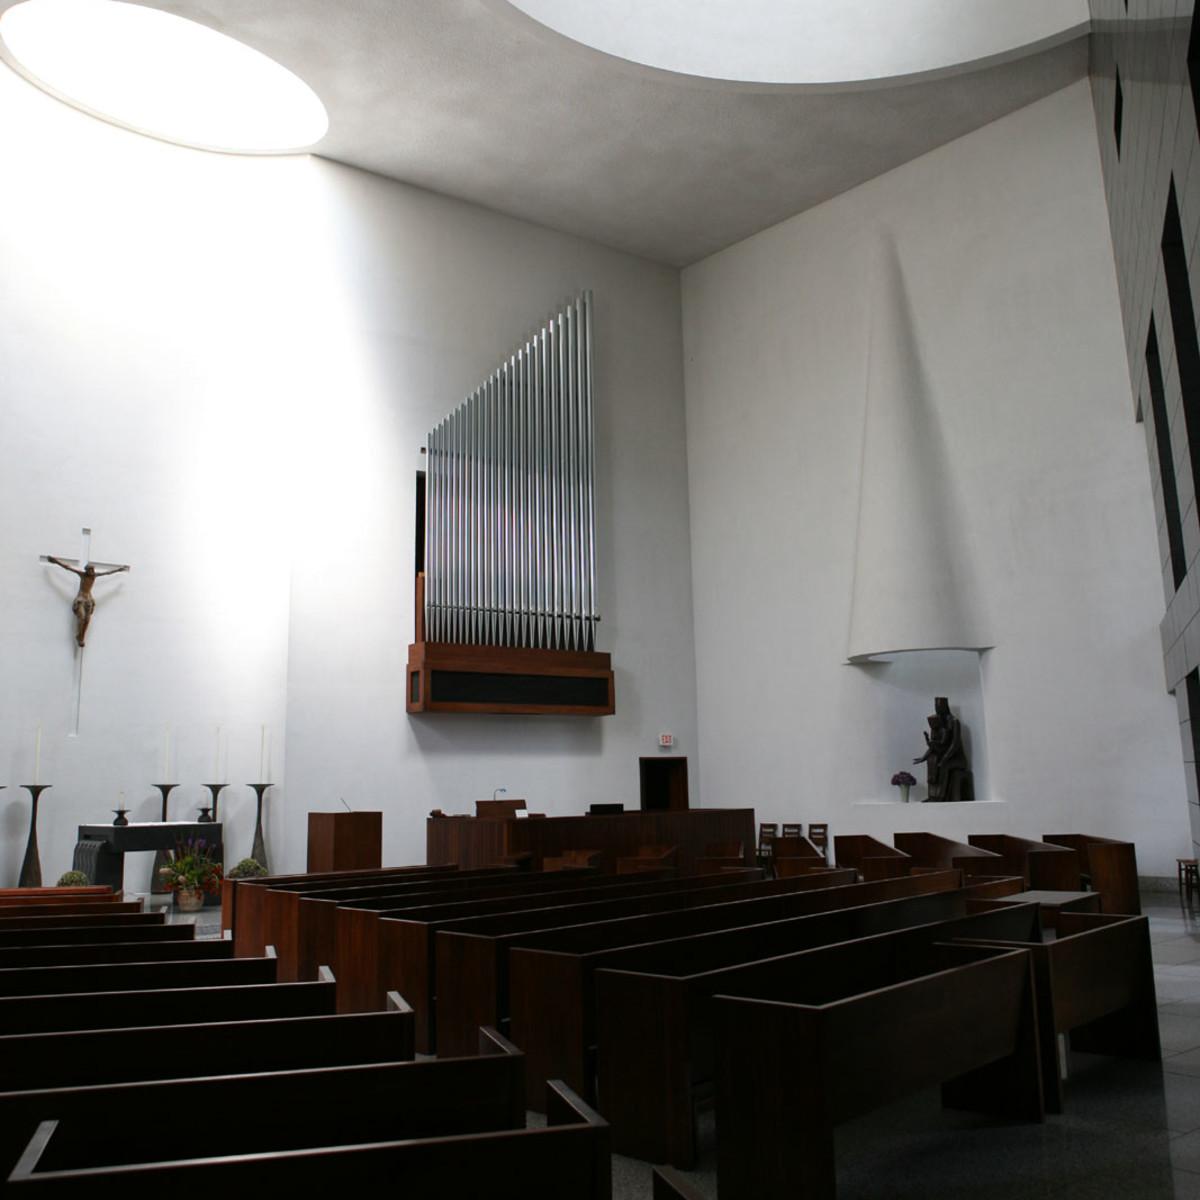 Places-Unique-University of St. Thomas-chapel interior-1